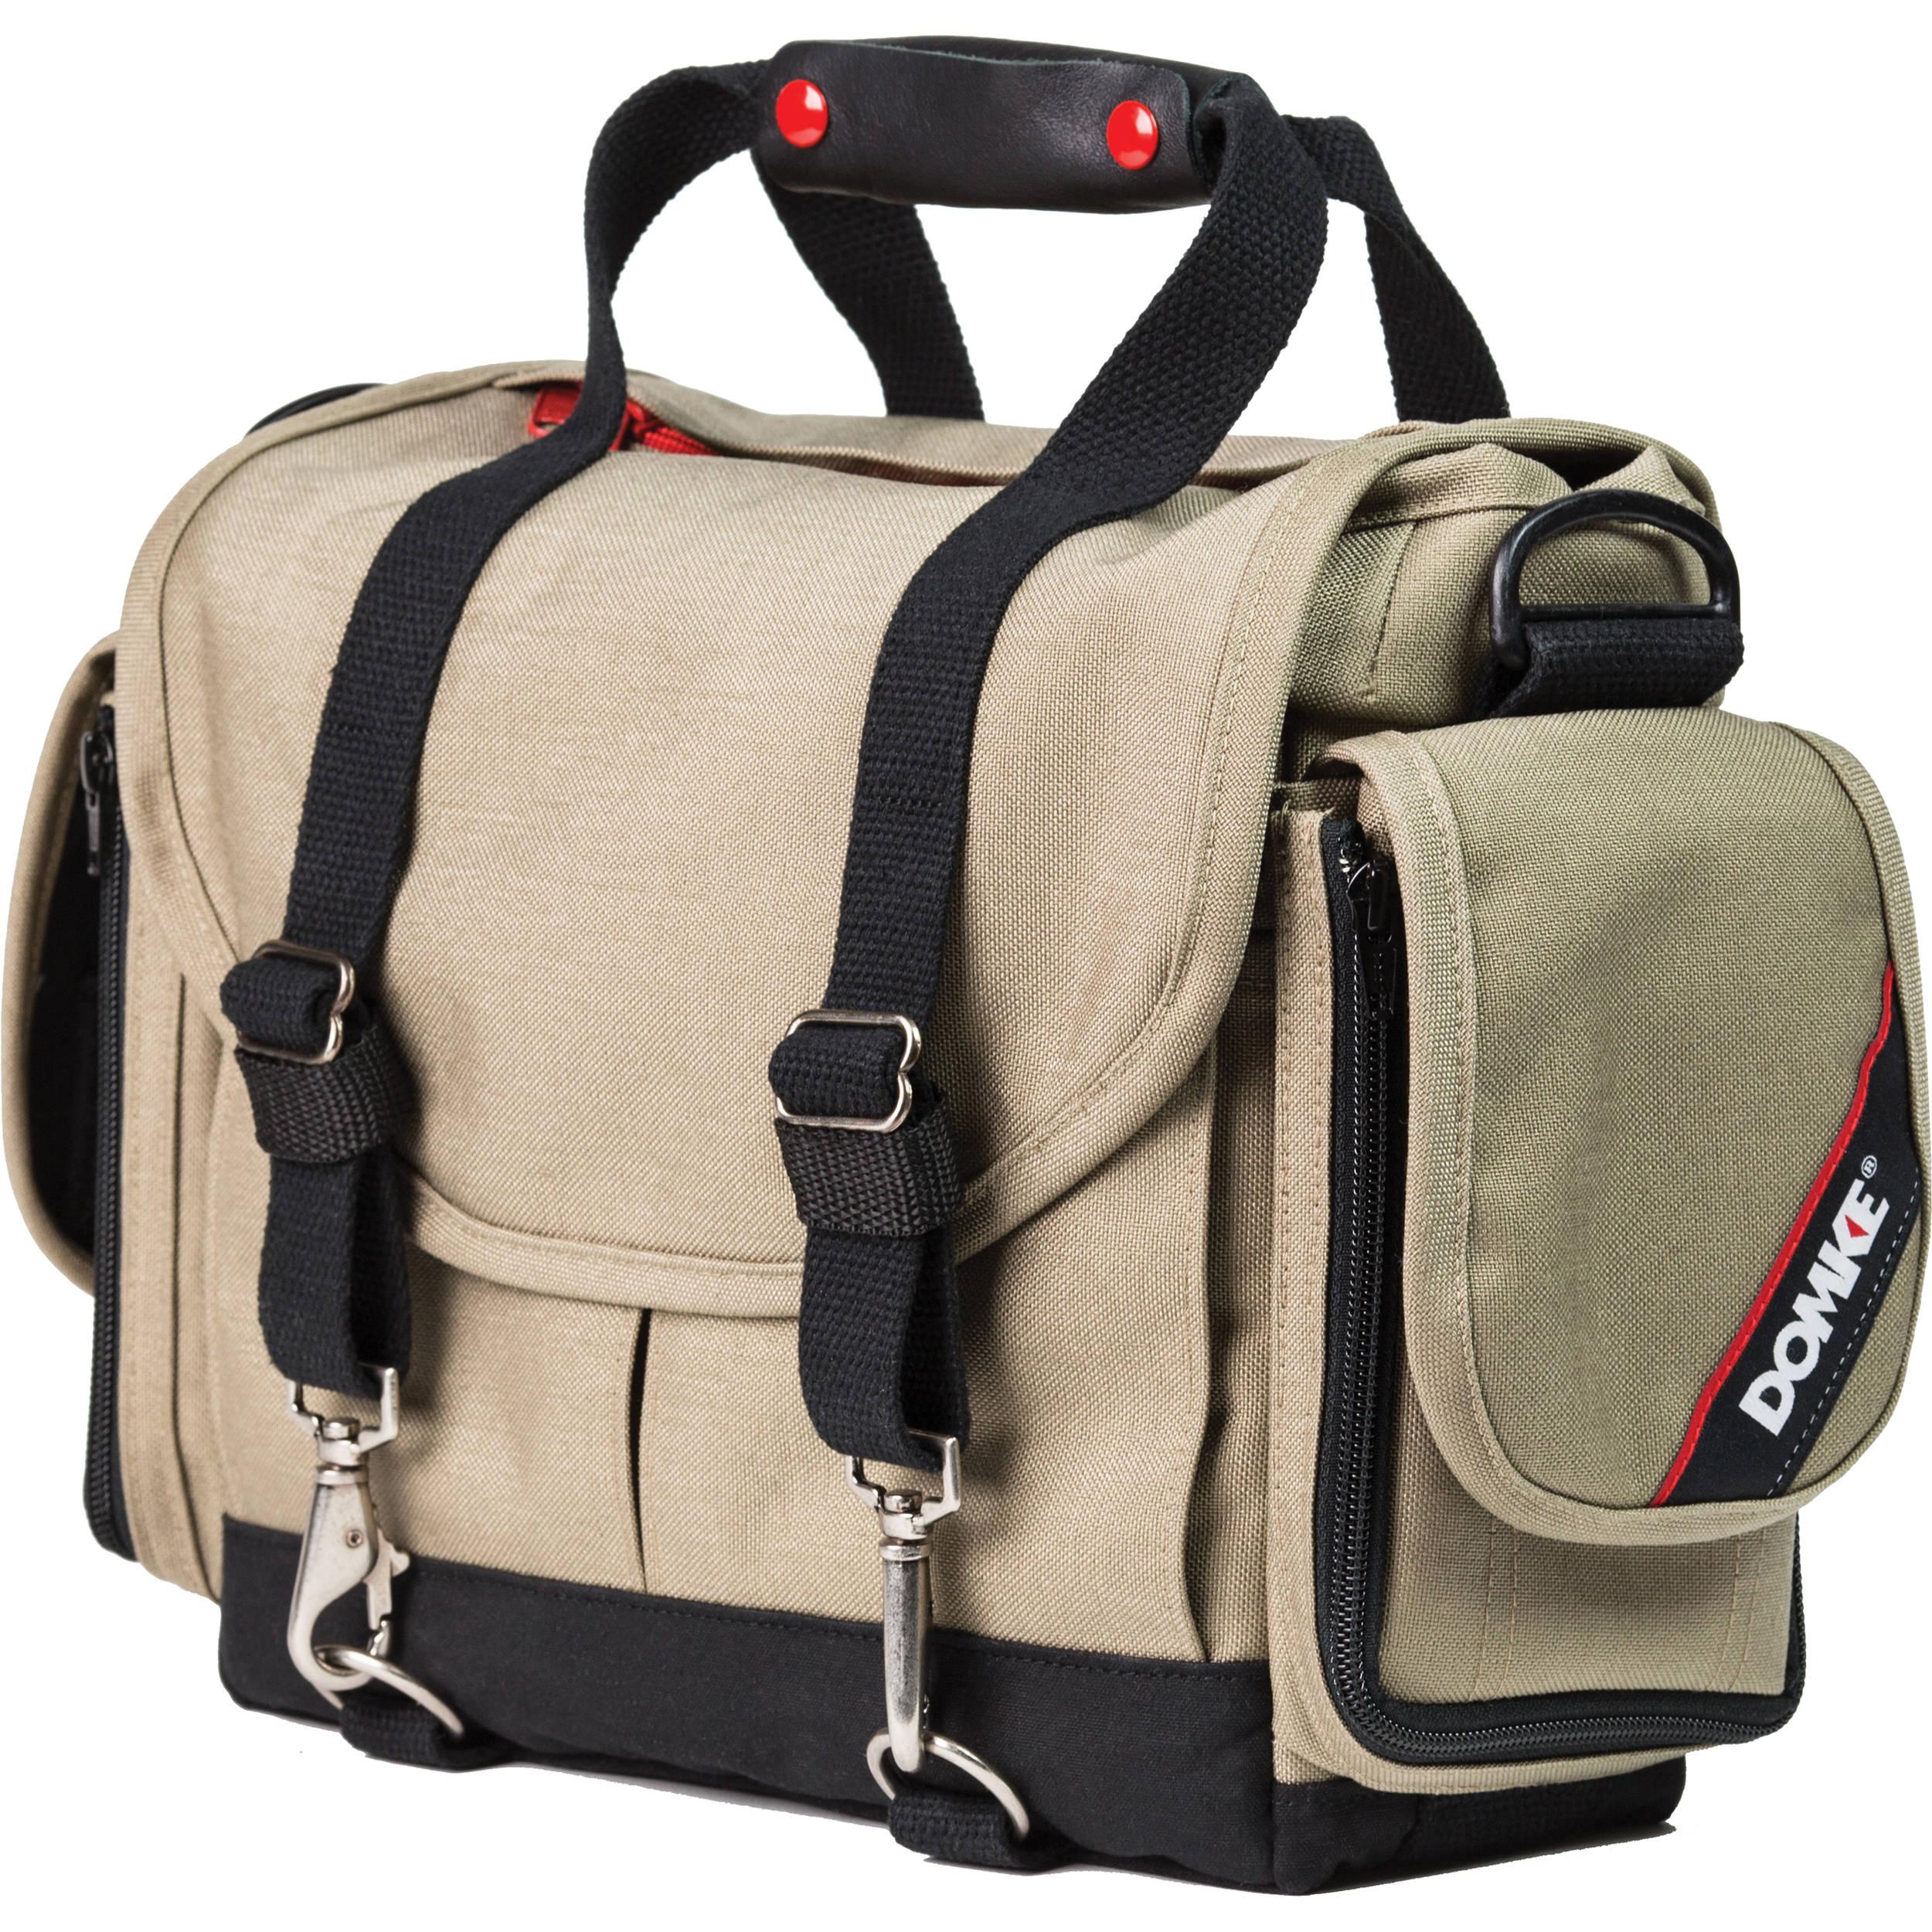 Domke Next Generation Director Shoulder Bag V-DIREC-CSB B&H